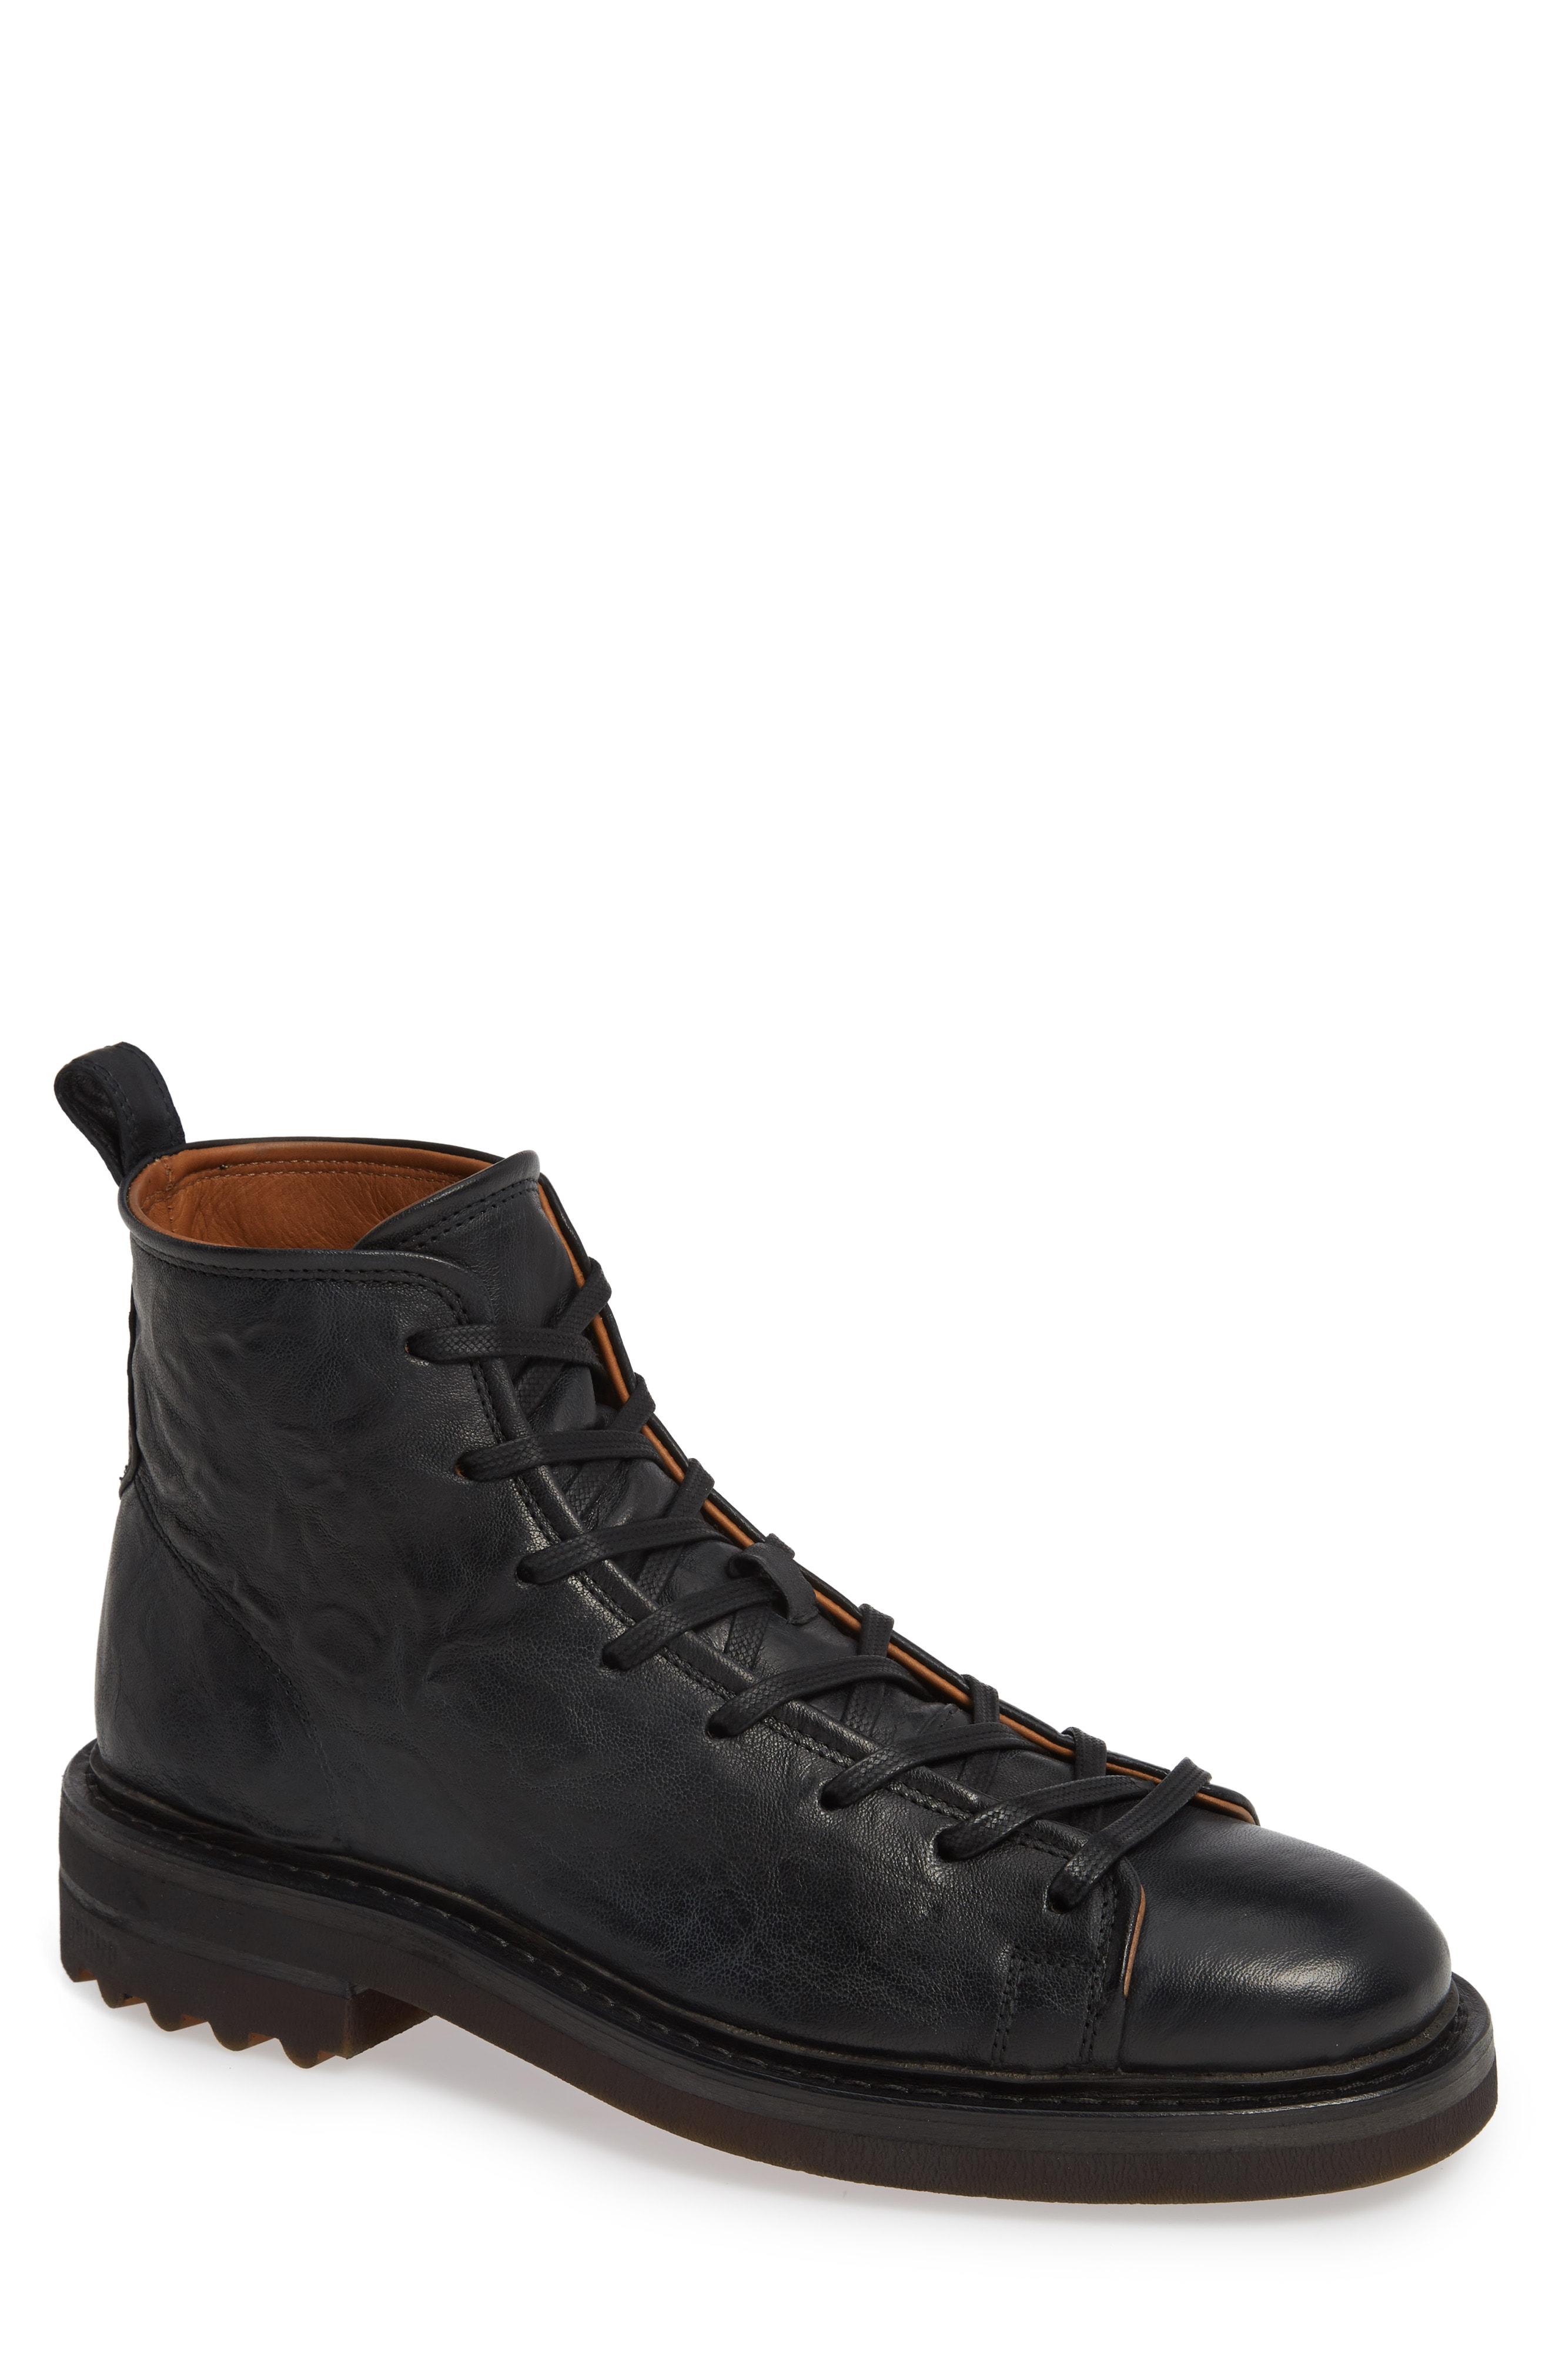 3ac2ebd3cf26 John Varvatos Essex Plain Toe Boot In Black